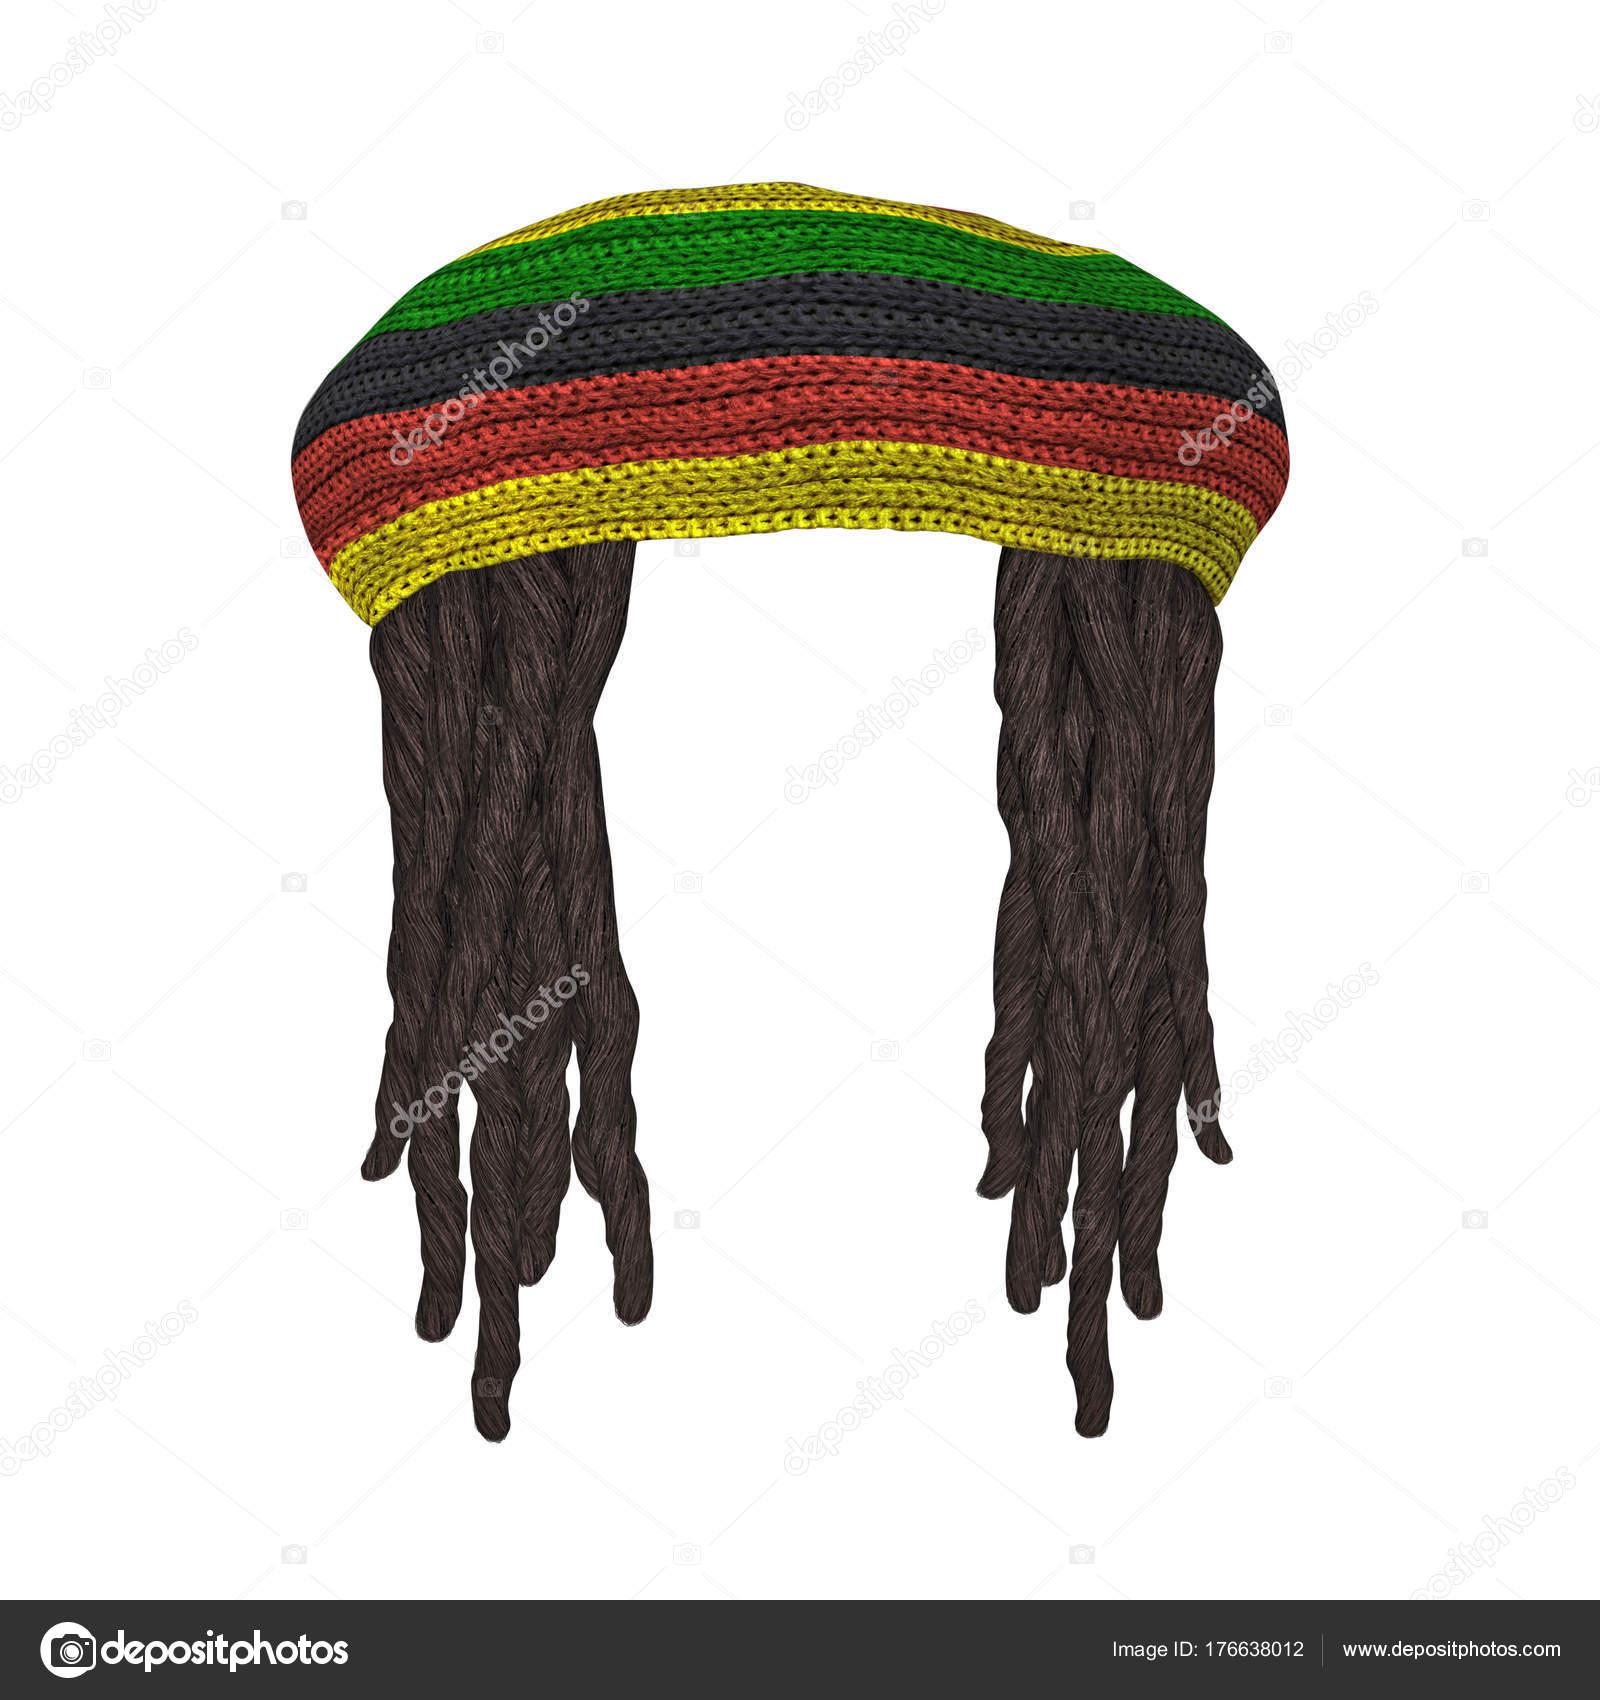 Los rastafaris sombrero con rastas aislado en blanco — Fotos de Stock 5d4a6f7f37d